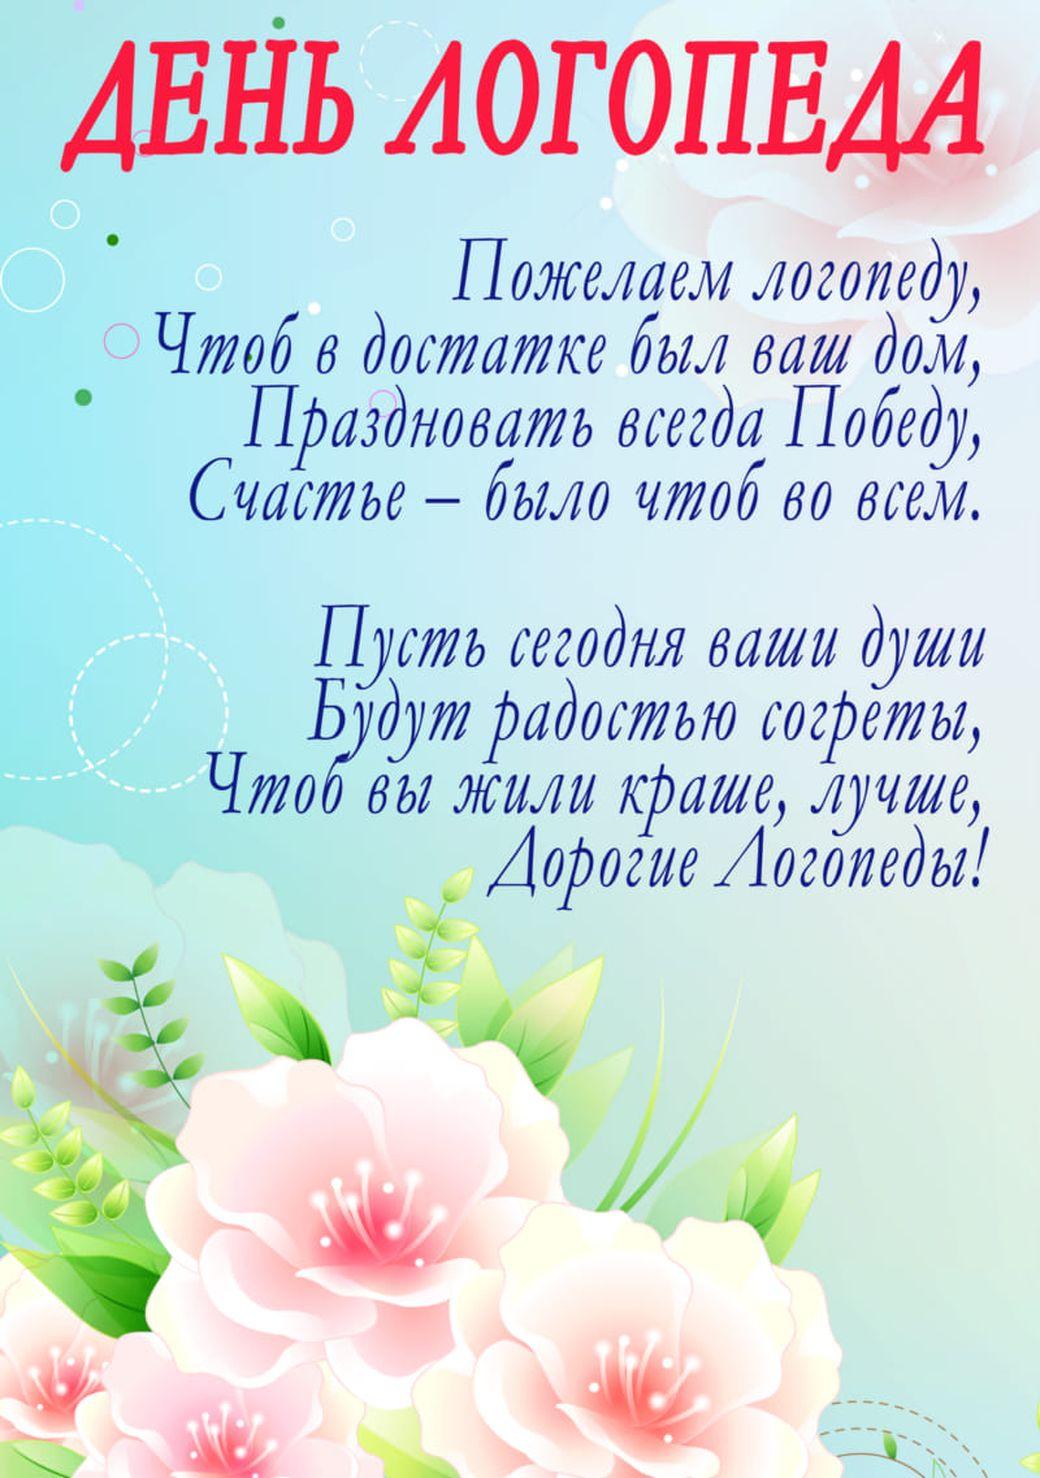 многих языках, поздравление логопеду открытка спокойный тихий водоем